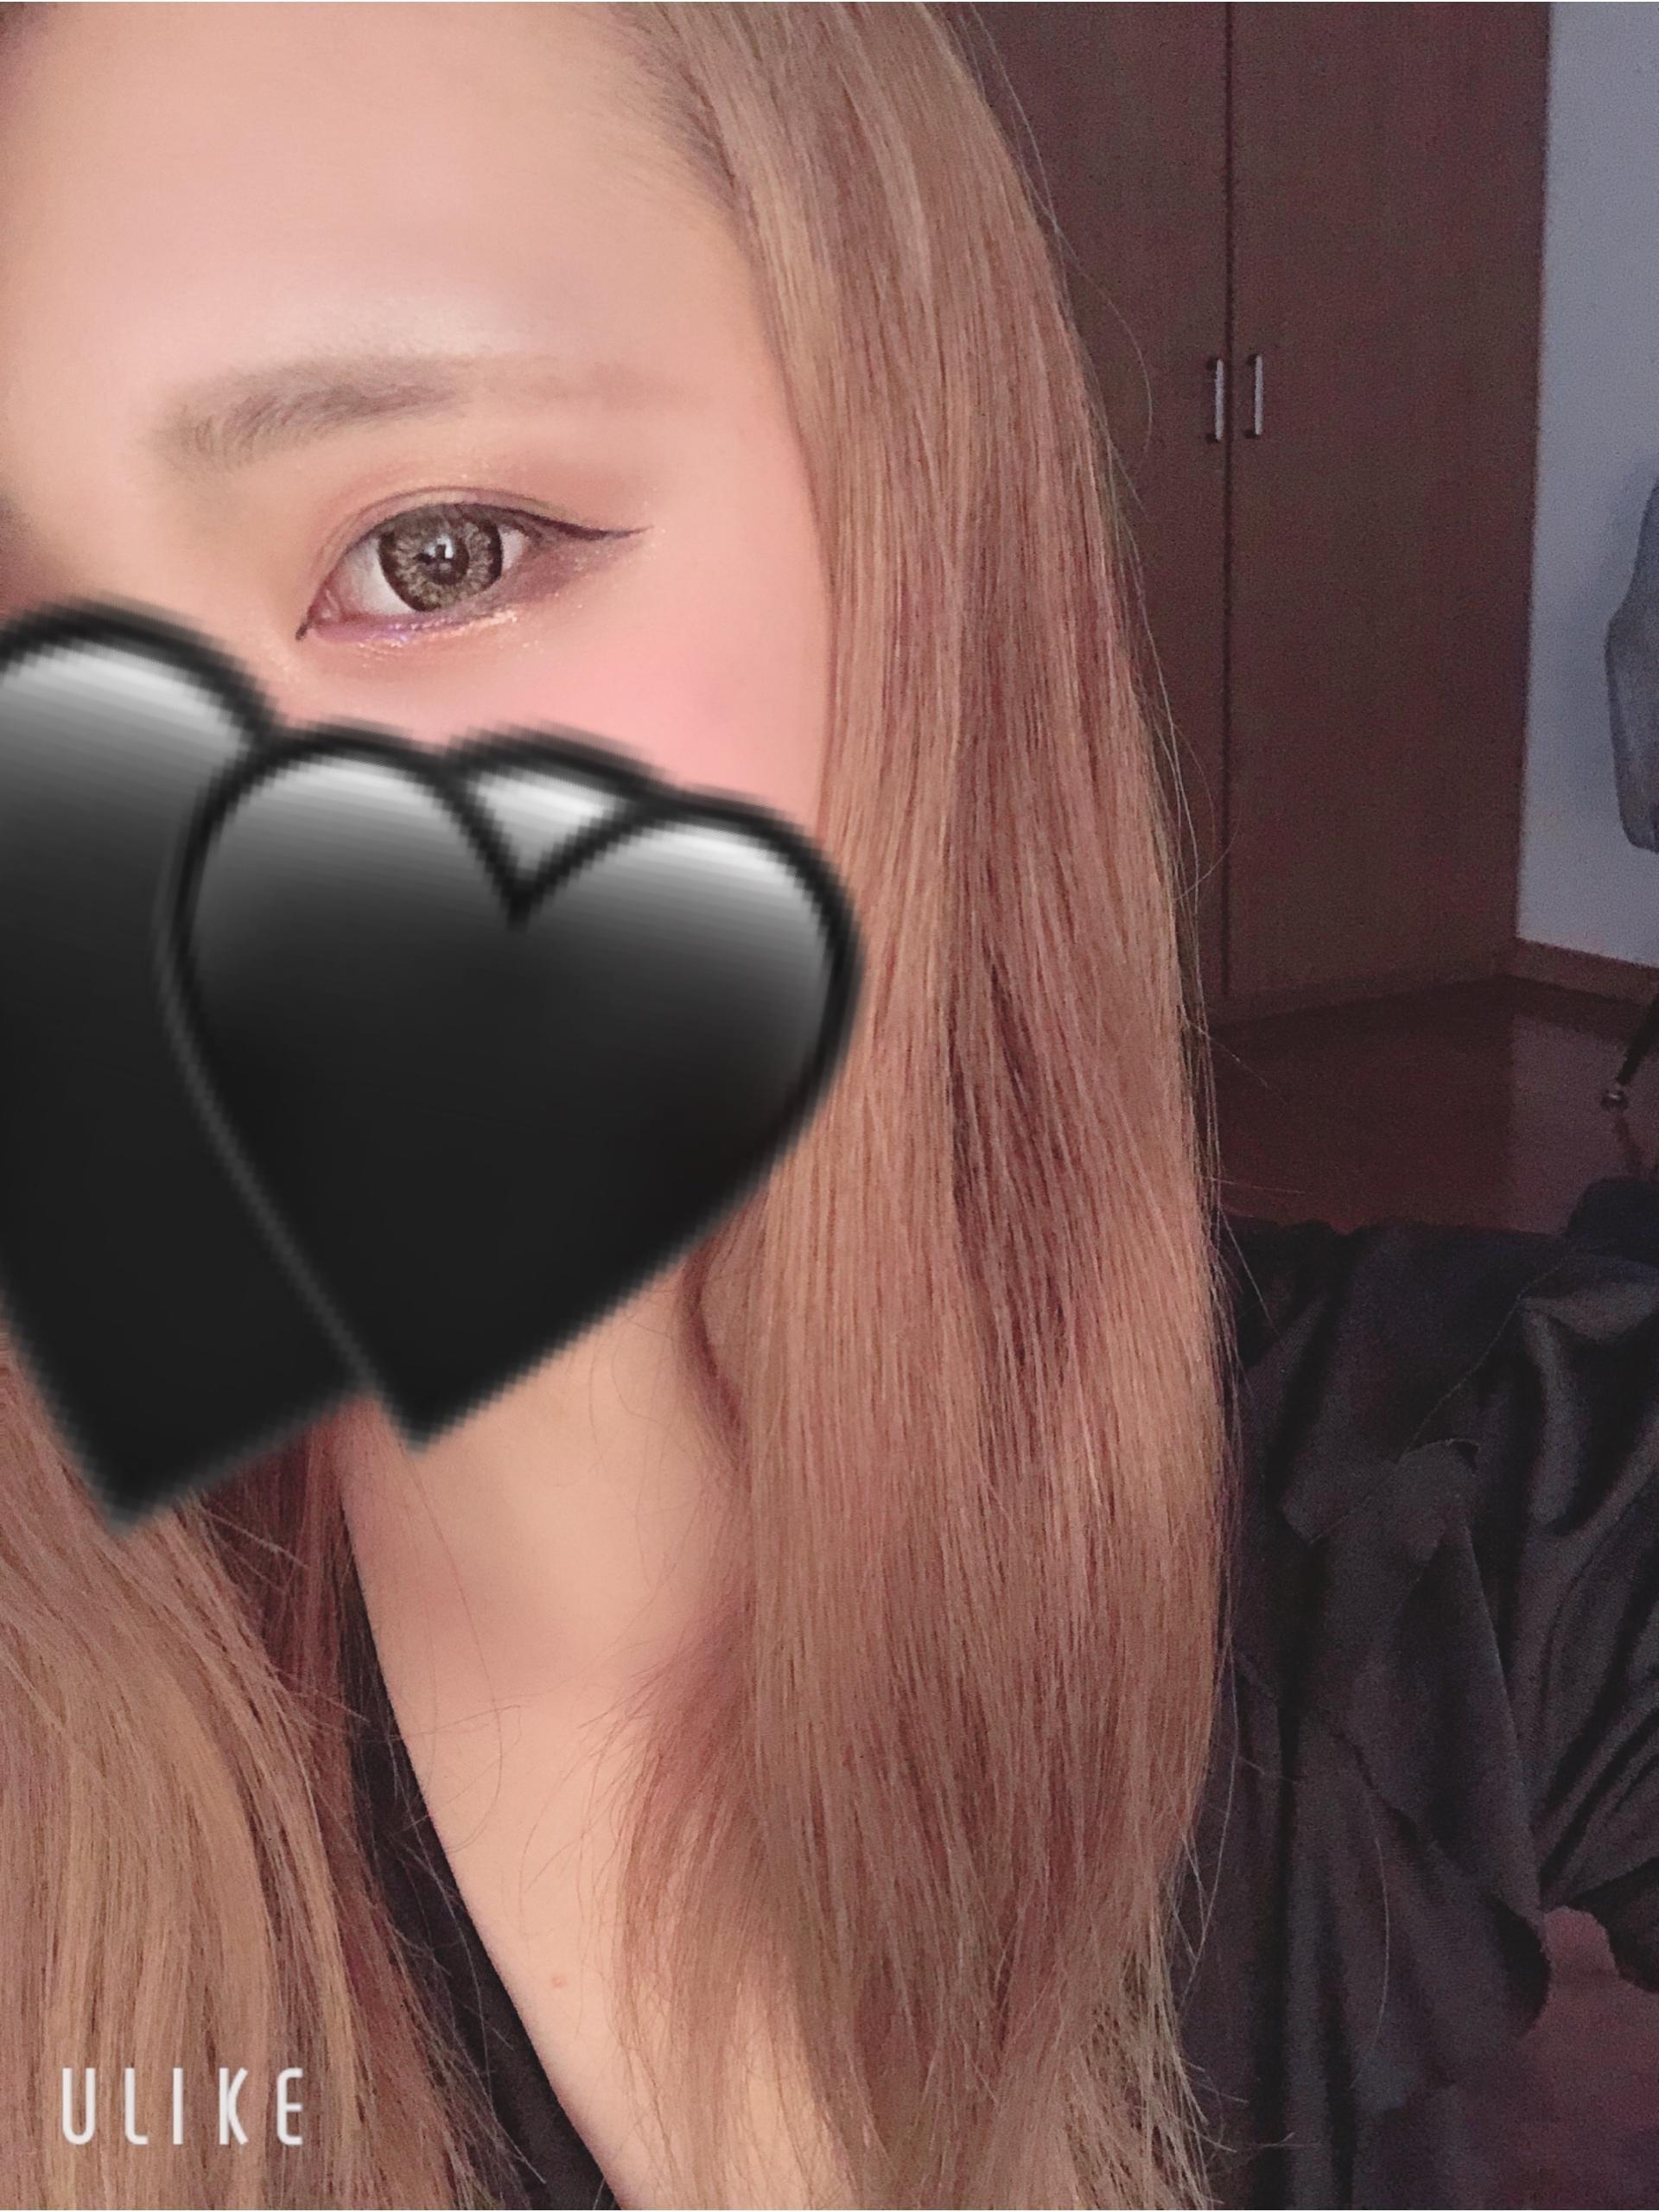 「予定♡」01/21(火) 10:52 | 立花 らんの写メ・風俗動画